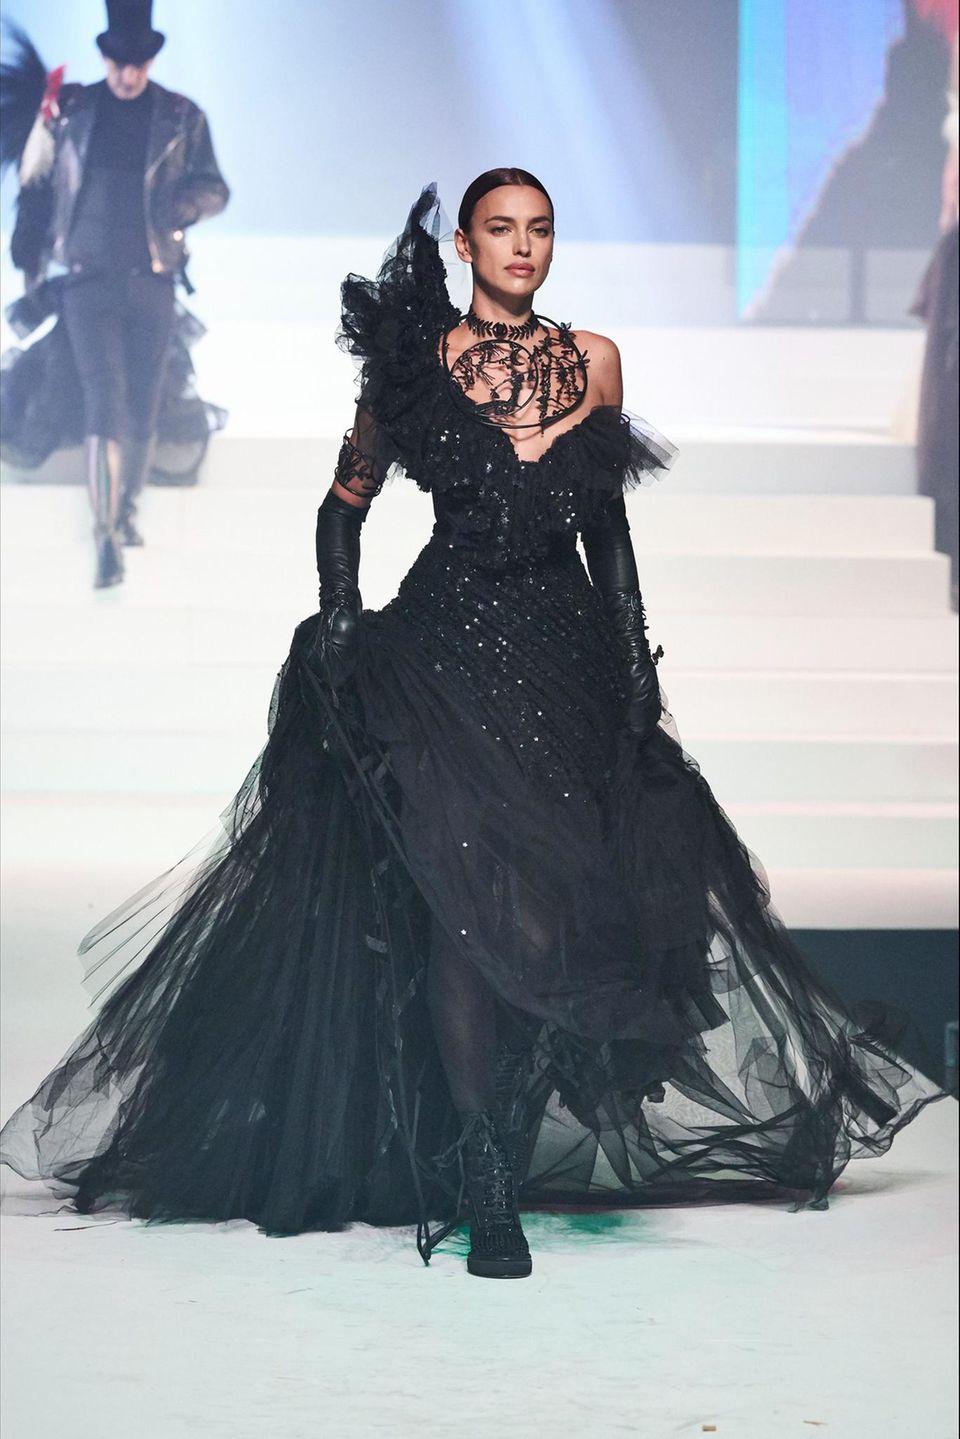 Während der Jean Paul Gaultier Haute Couture Show schreitet sie auch als Model in einer schwarzen Wow-Robe über den Laufsteg.